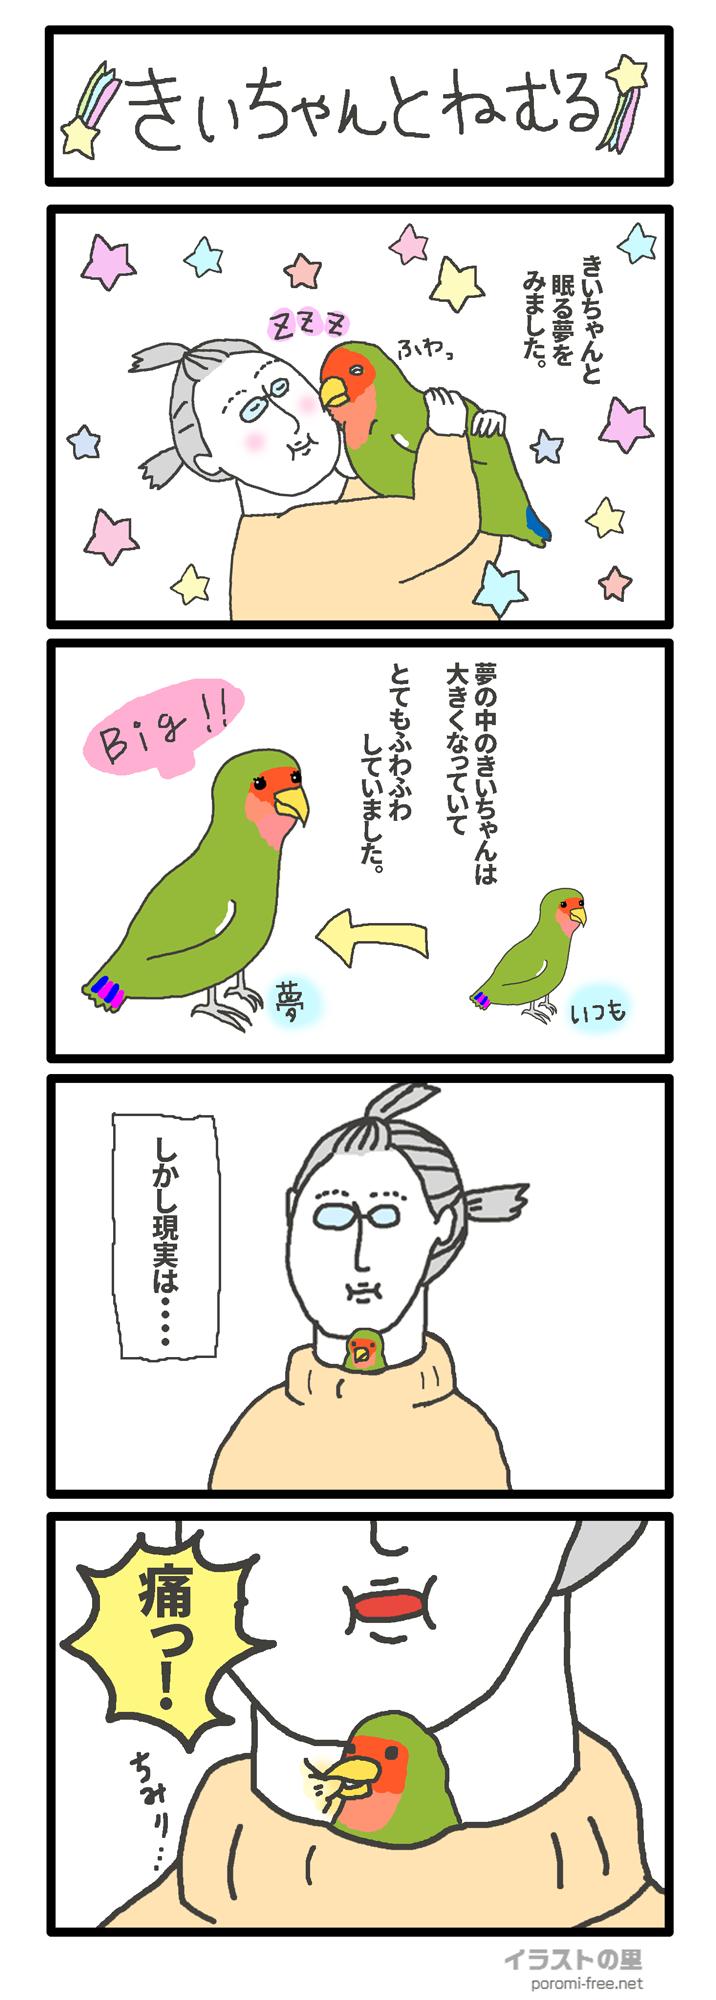 四コマ漫画『きいちゃんと眠る』